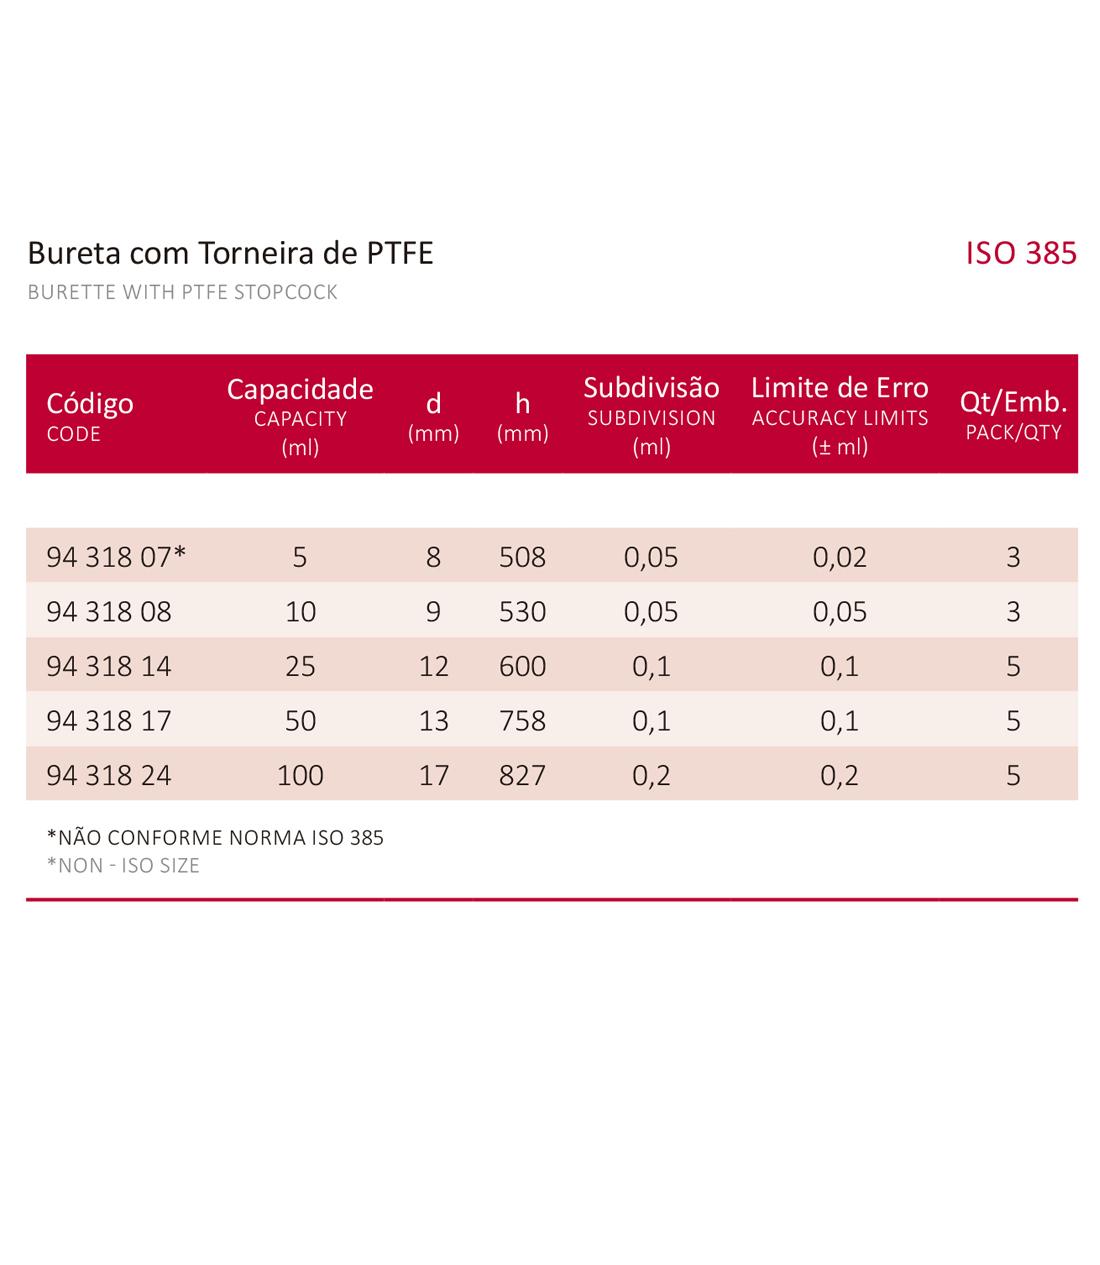 BURETA COM TORNEIRA DE PTFE 100 ML - Laborglas - Cód. 9431824